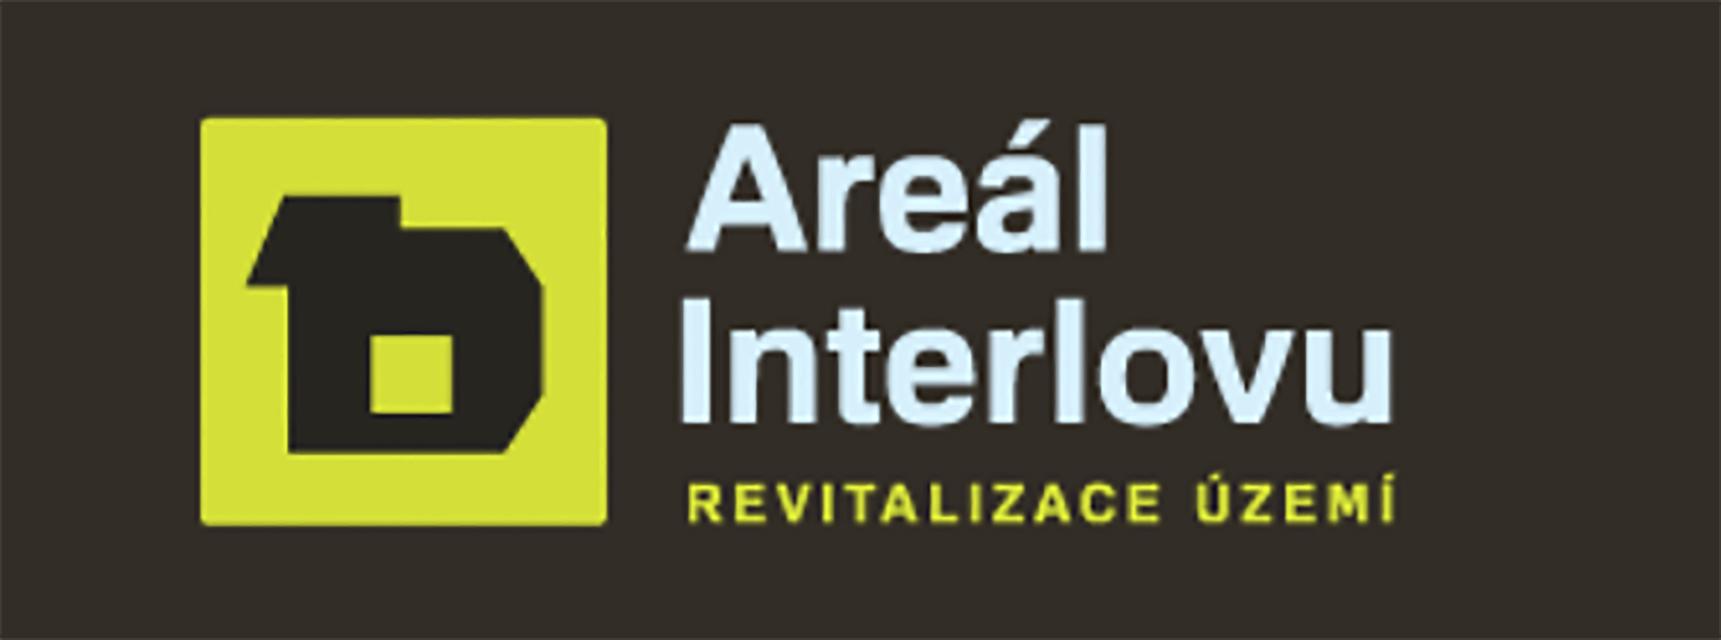 Nové návrhy areálu Interlovu od PasserInvest Group s.r.o